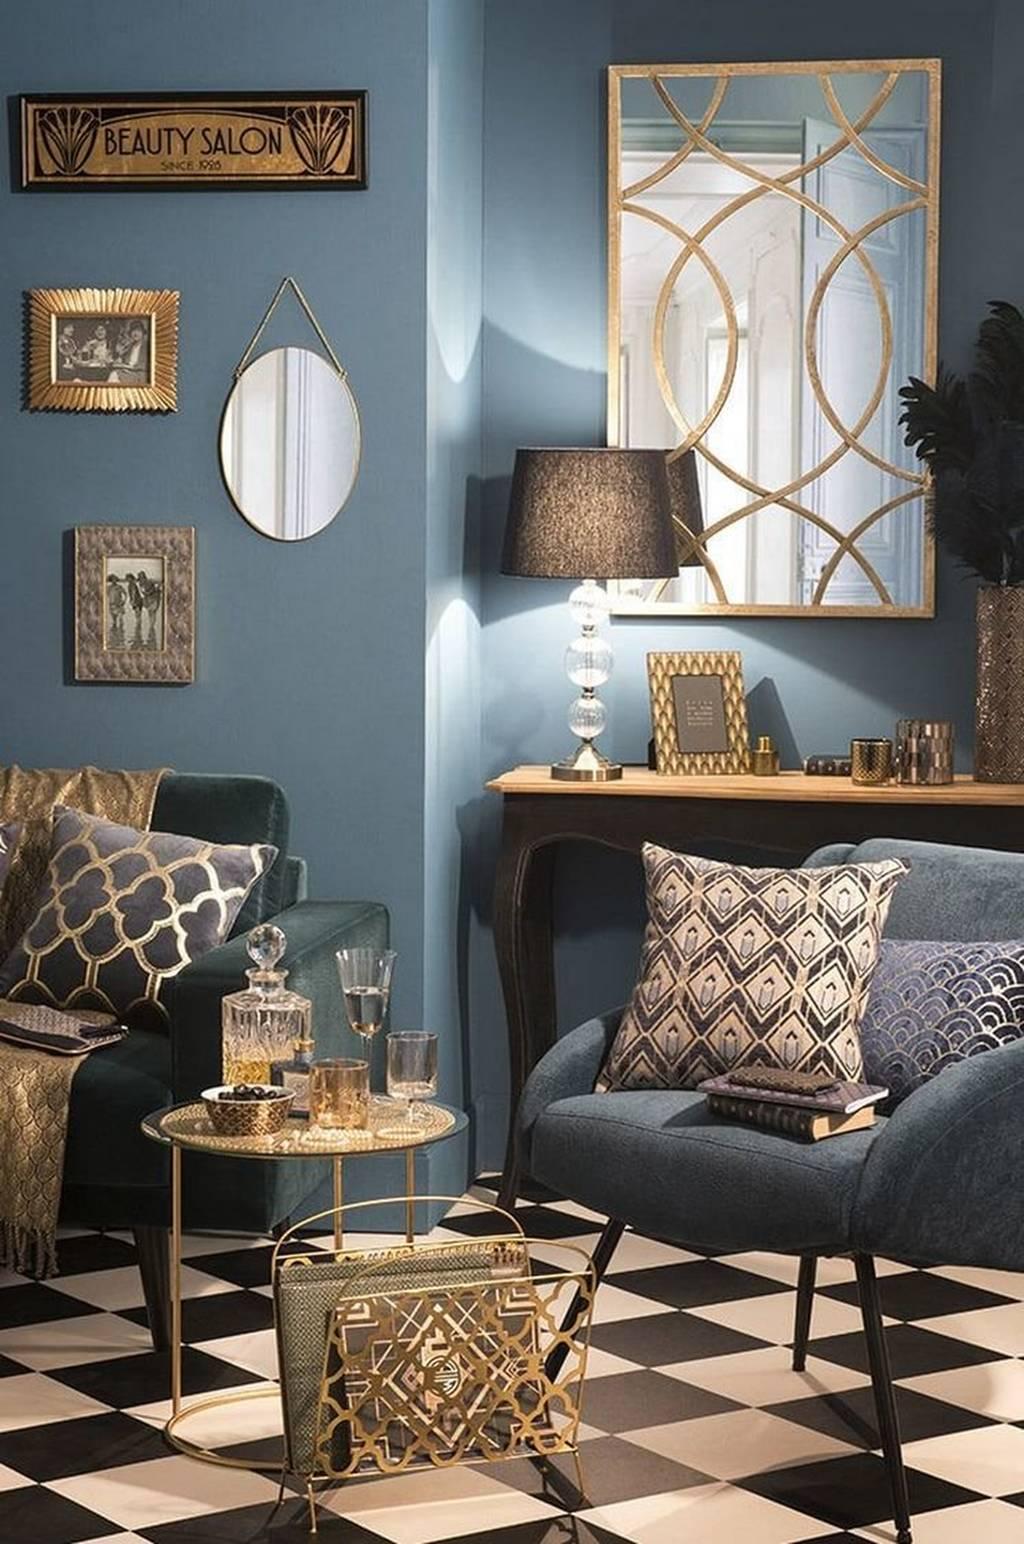 New Art Deco Interior Decor Trend